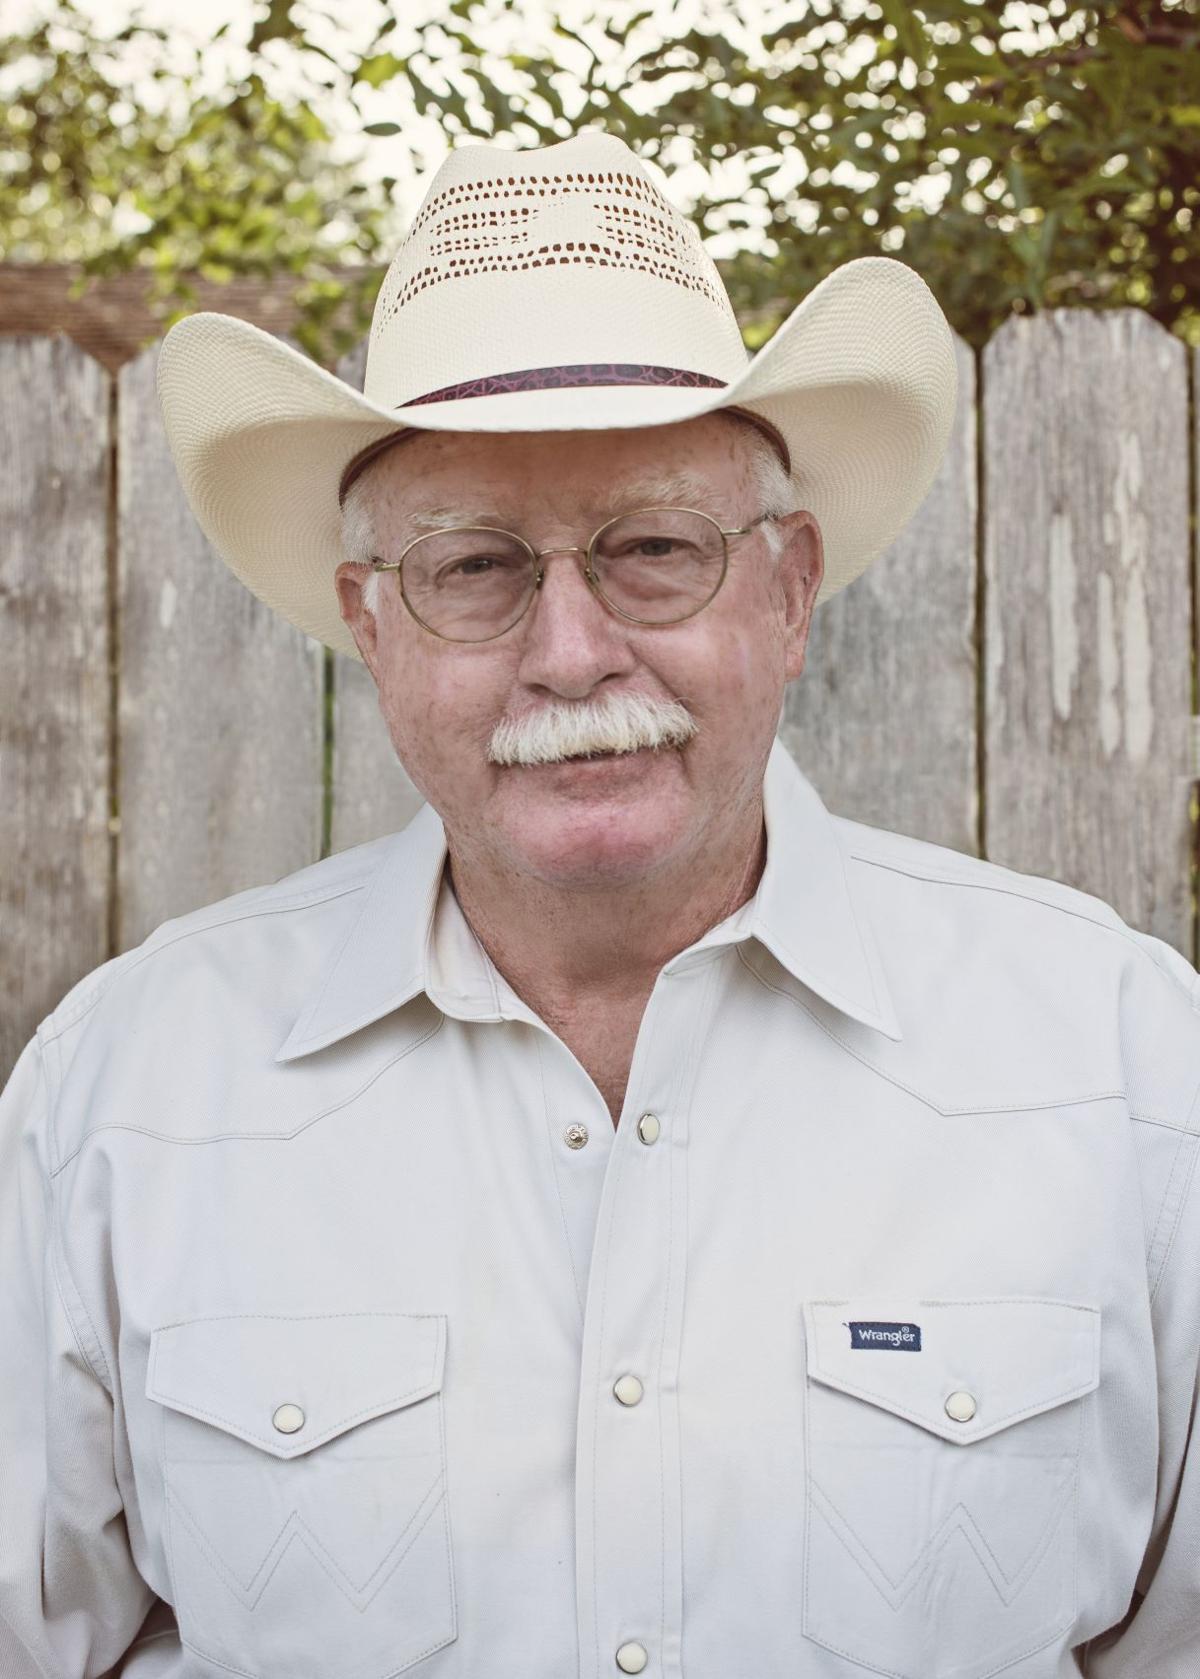 Goliad County Precinct 1 Commissioner Kenneth Edwards